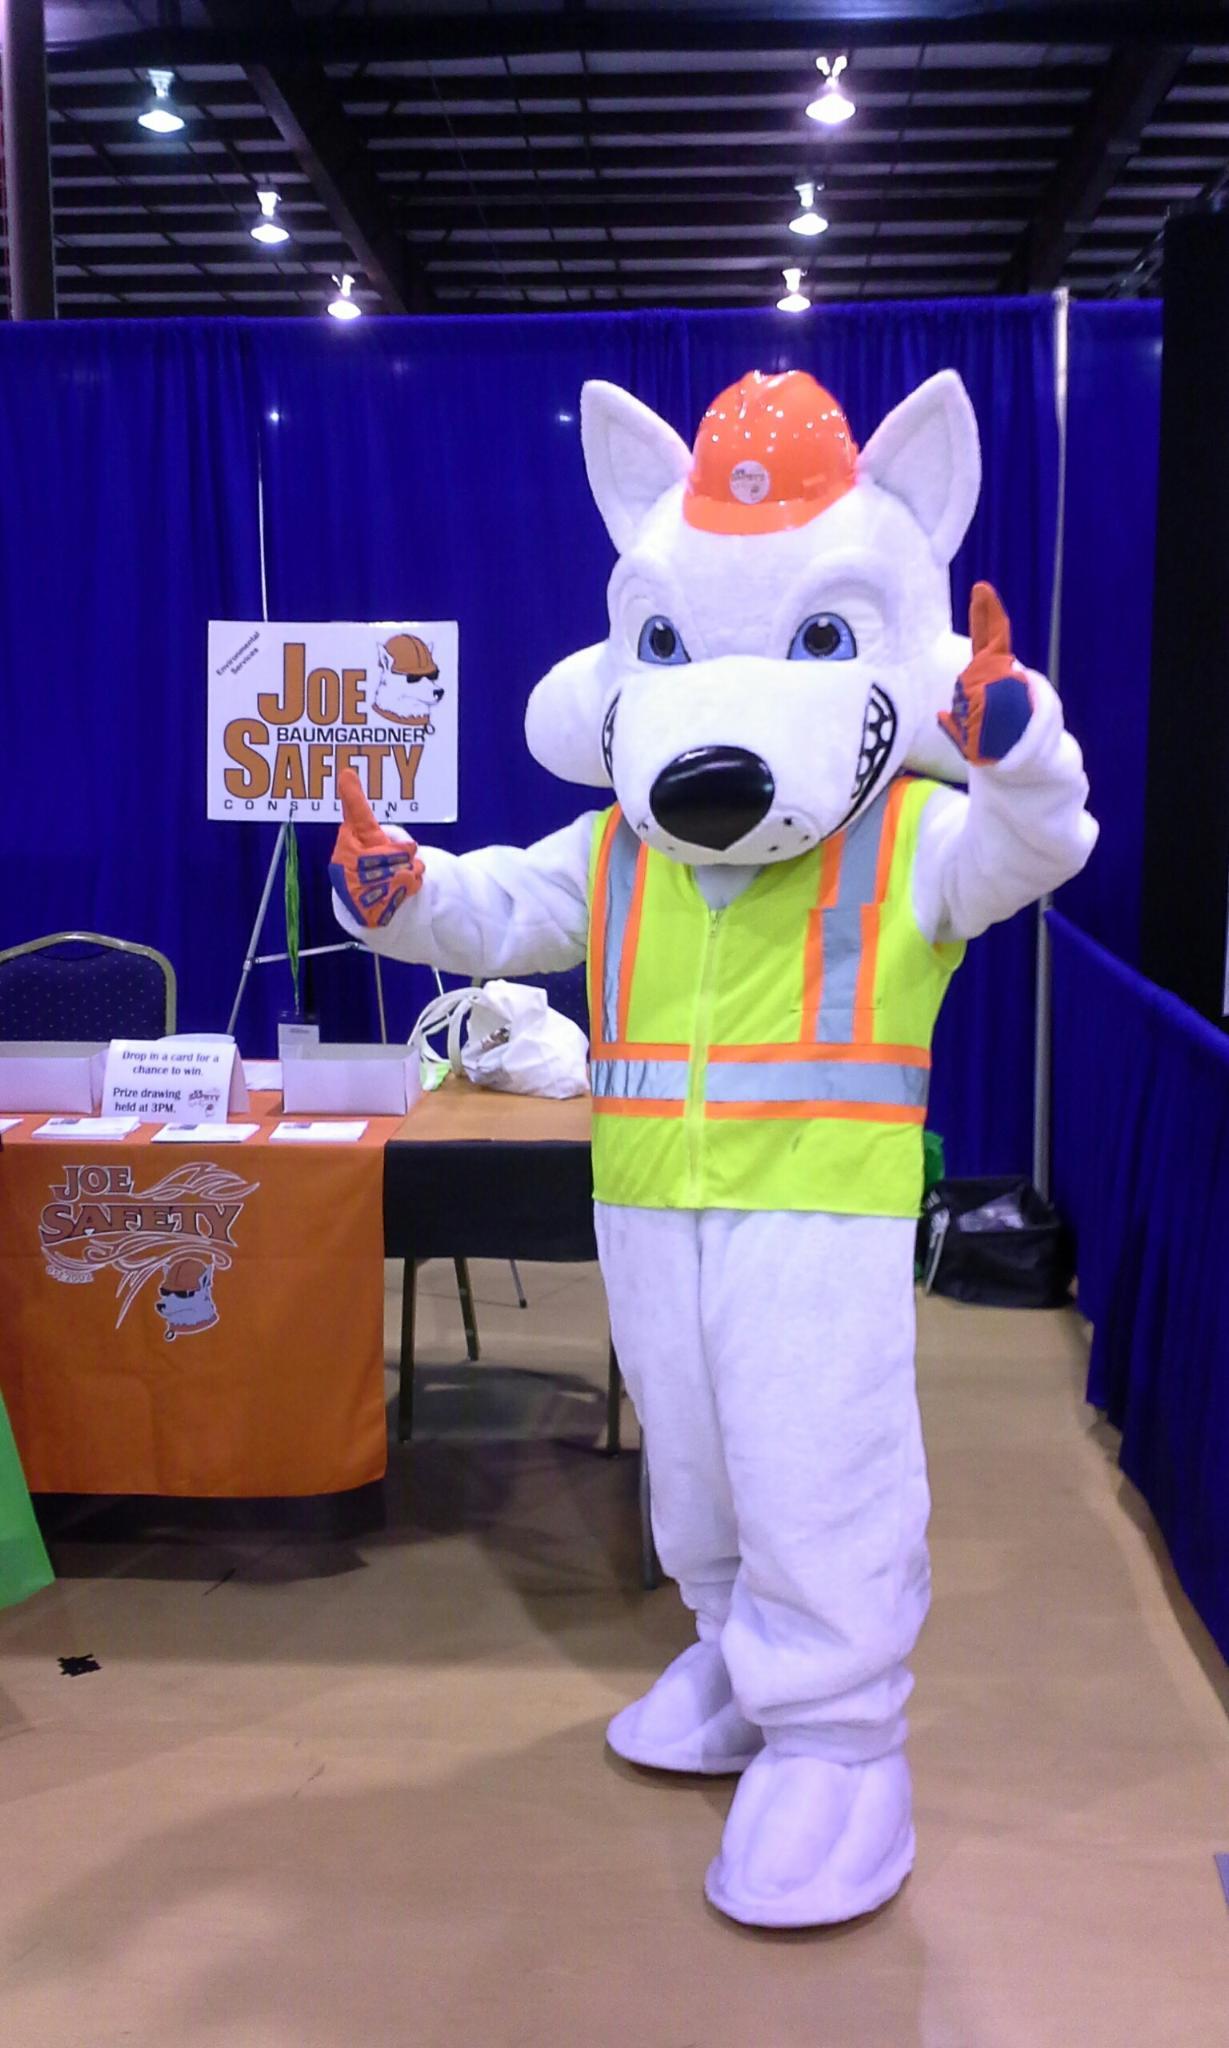 joe-safety-additional-mascot